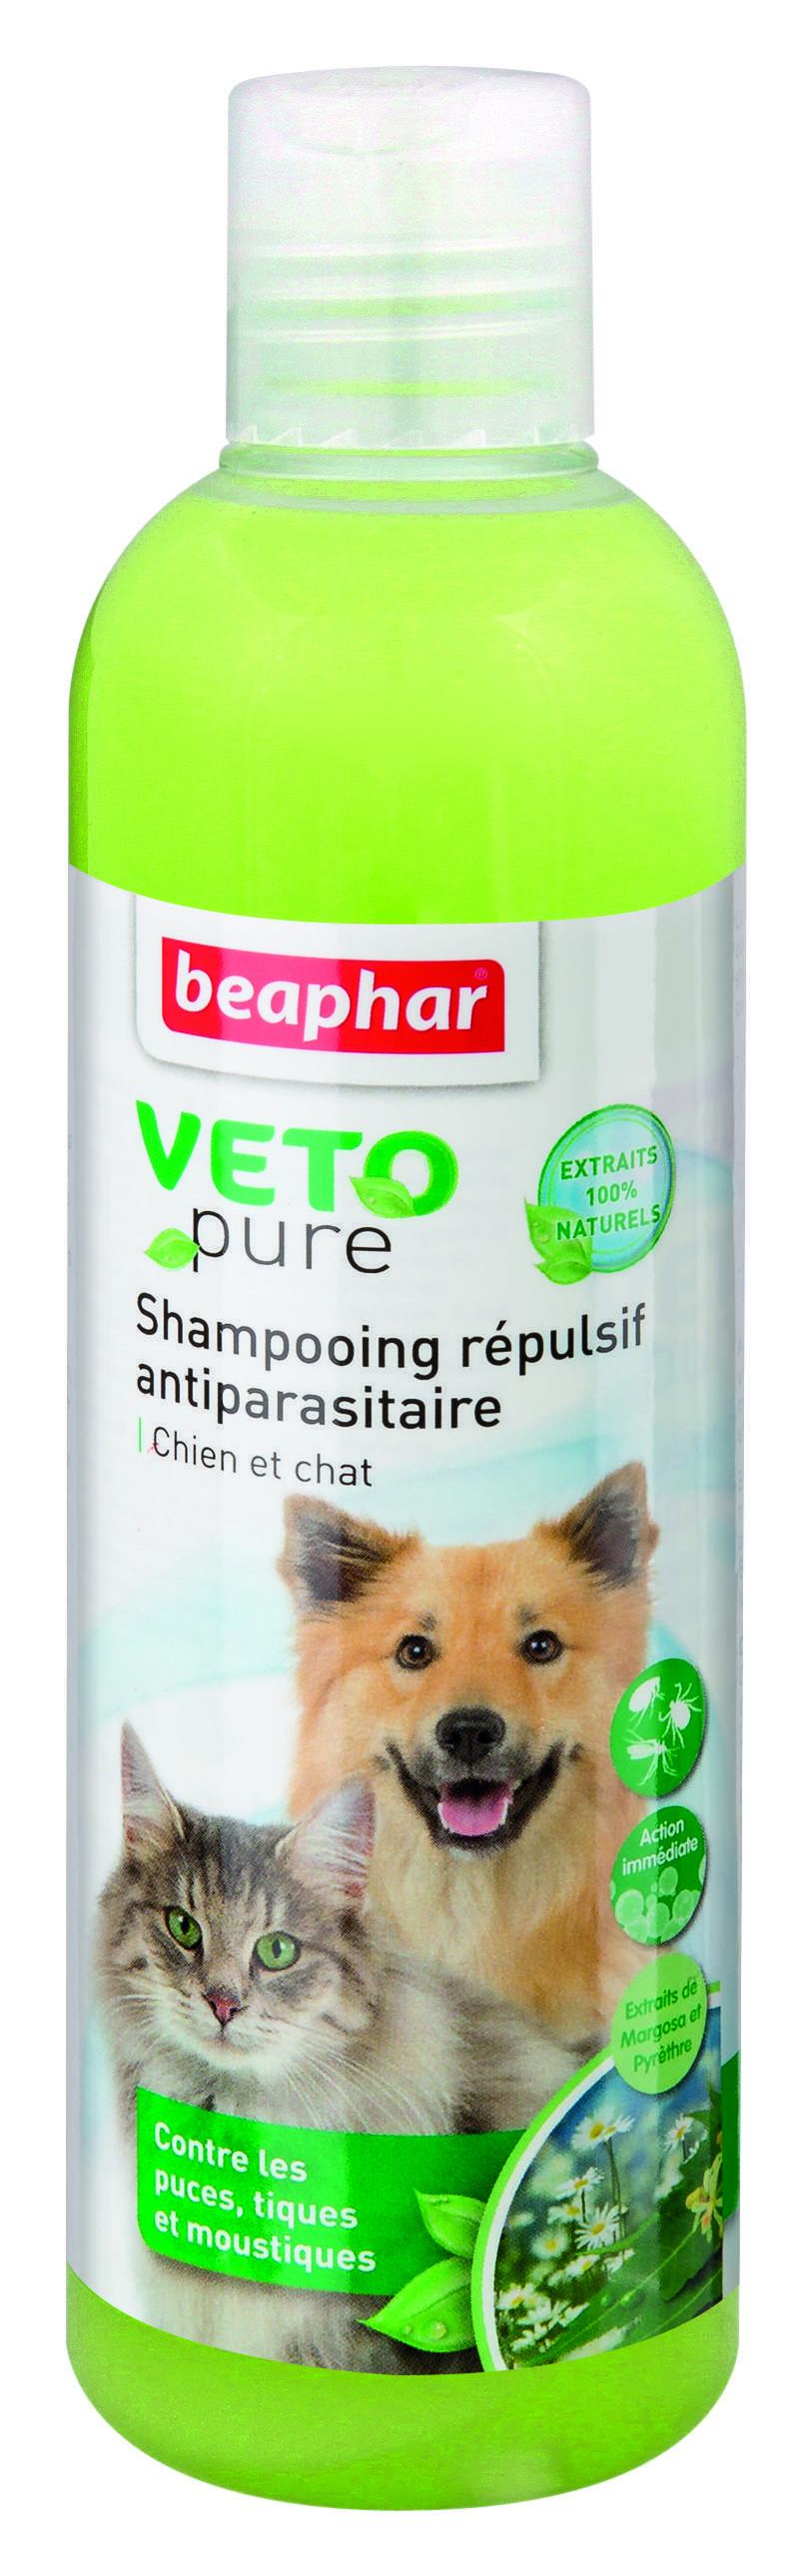 Шампуни от блох для собак: выбираем безопасные и эффективные